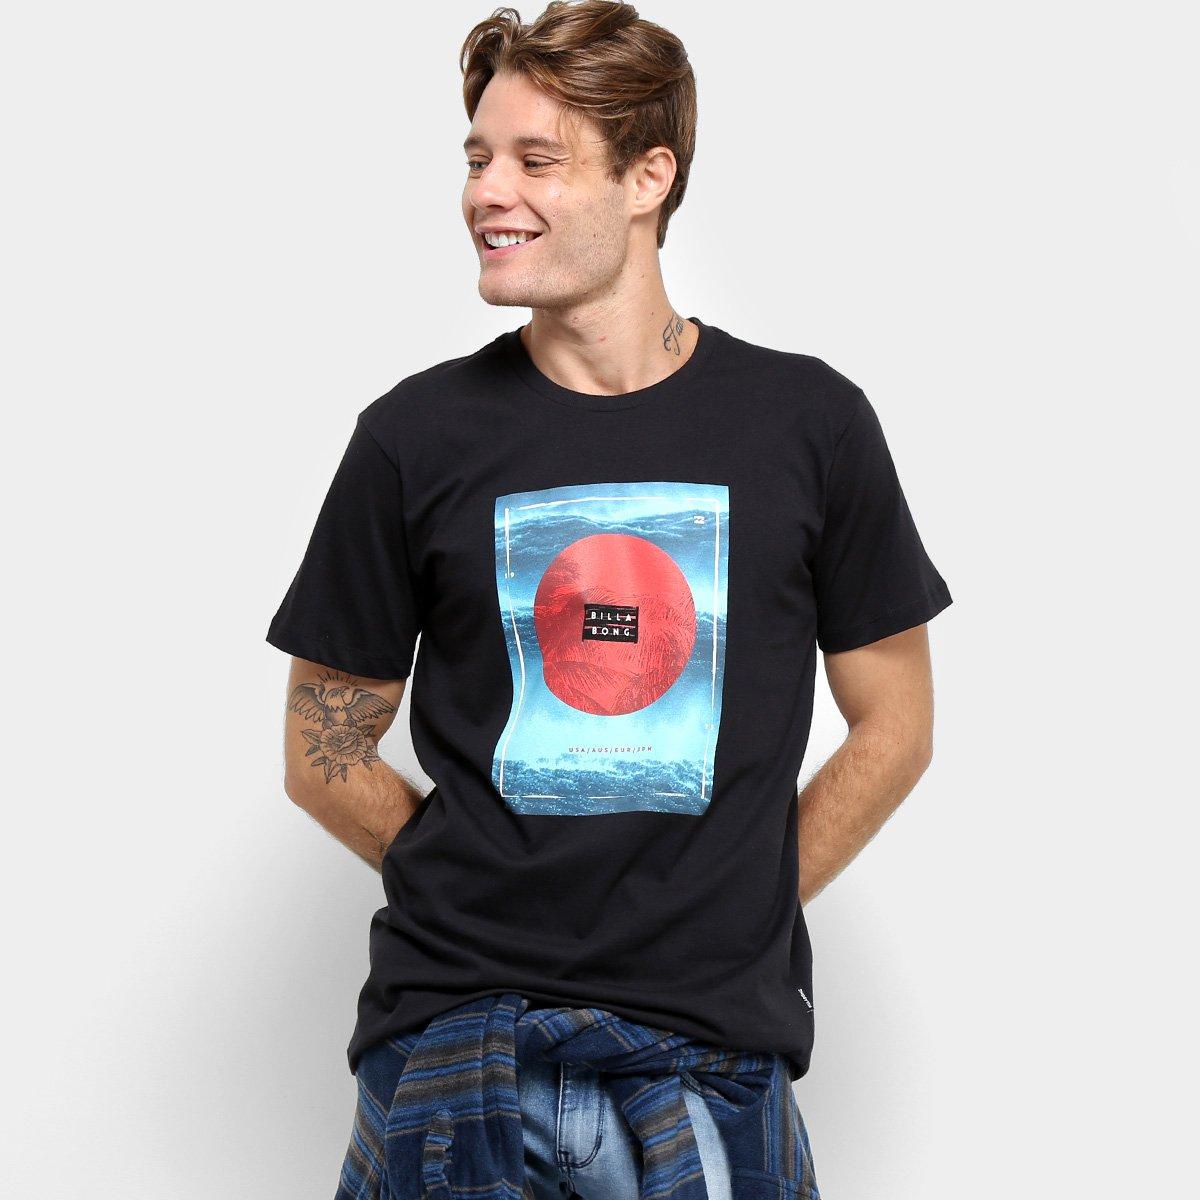 Camiseta Billabong Caravan - Masculina - Preto - Compre Agora  785fce91294